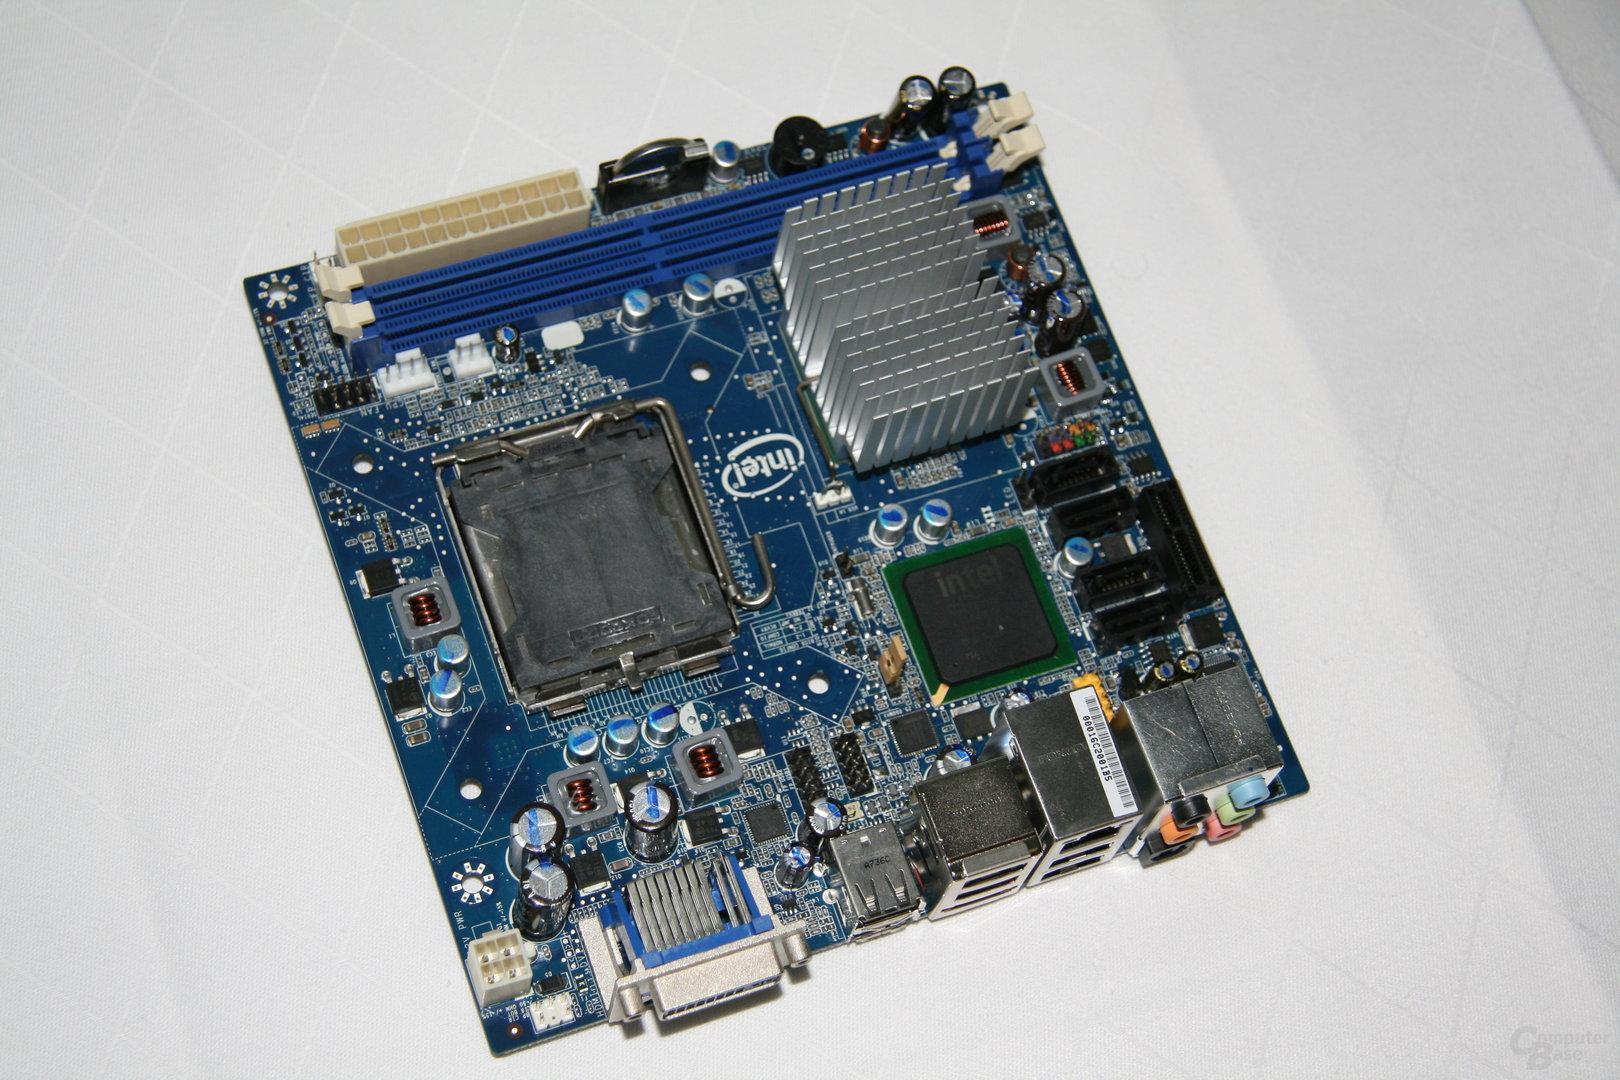 Intel DG45FC Mini-ITX-Mainboard mit G45